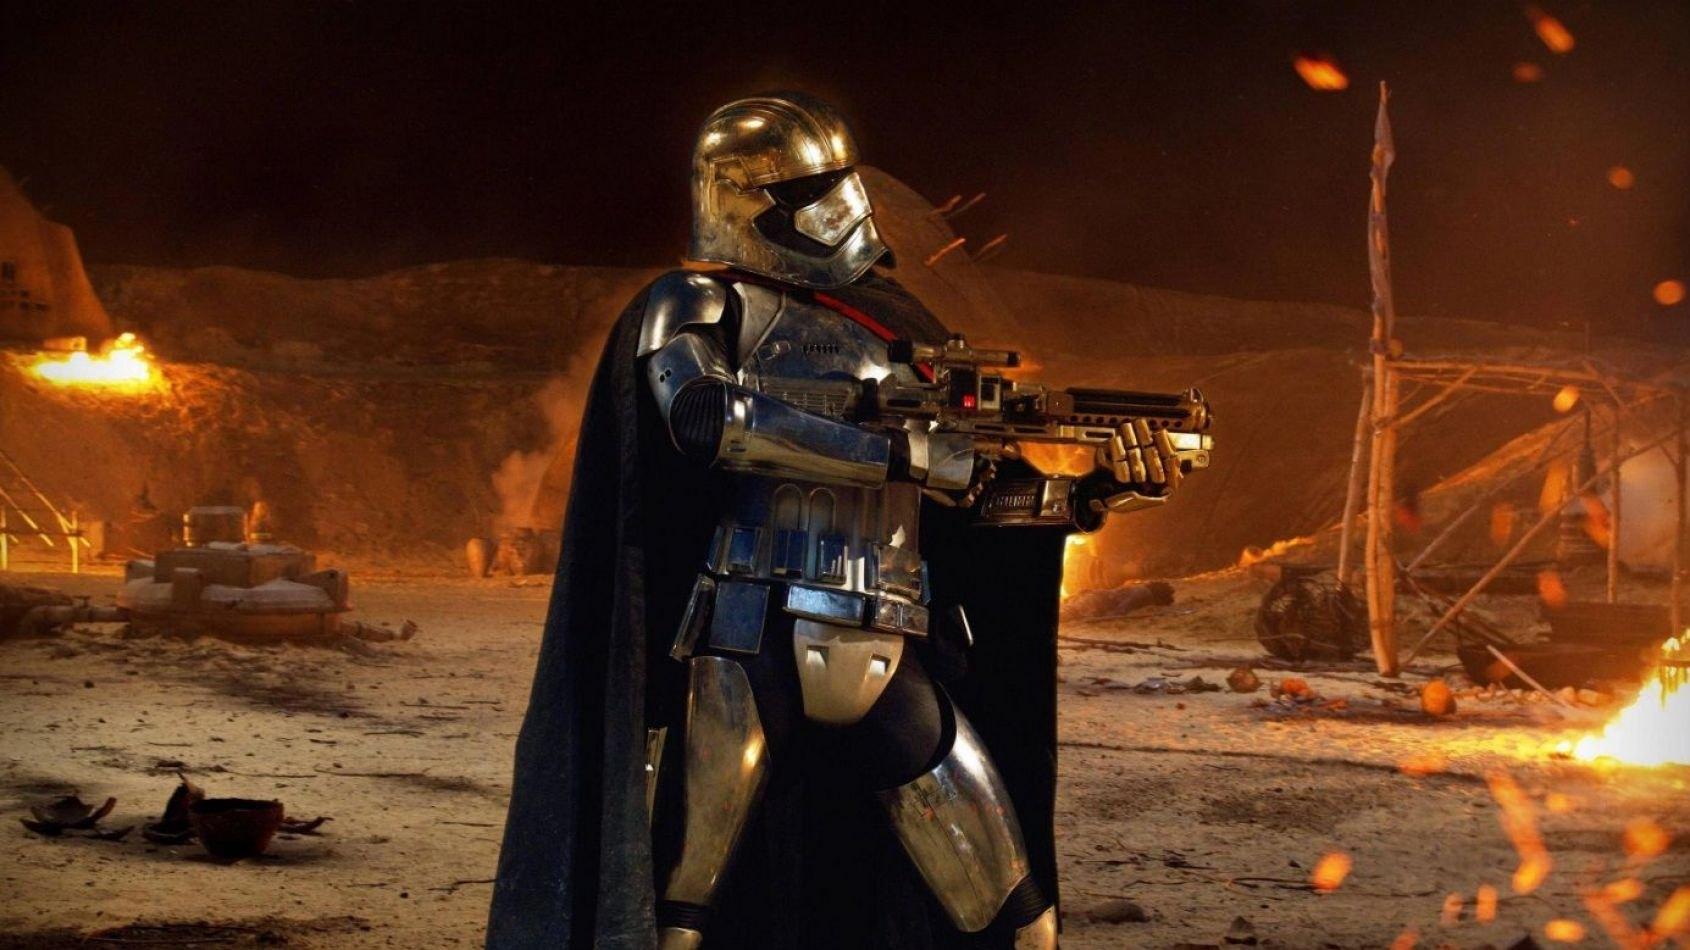 Une nouvelle arme pour la Capitaine Phasma dans Les Derniers Jedi ?